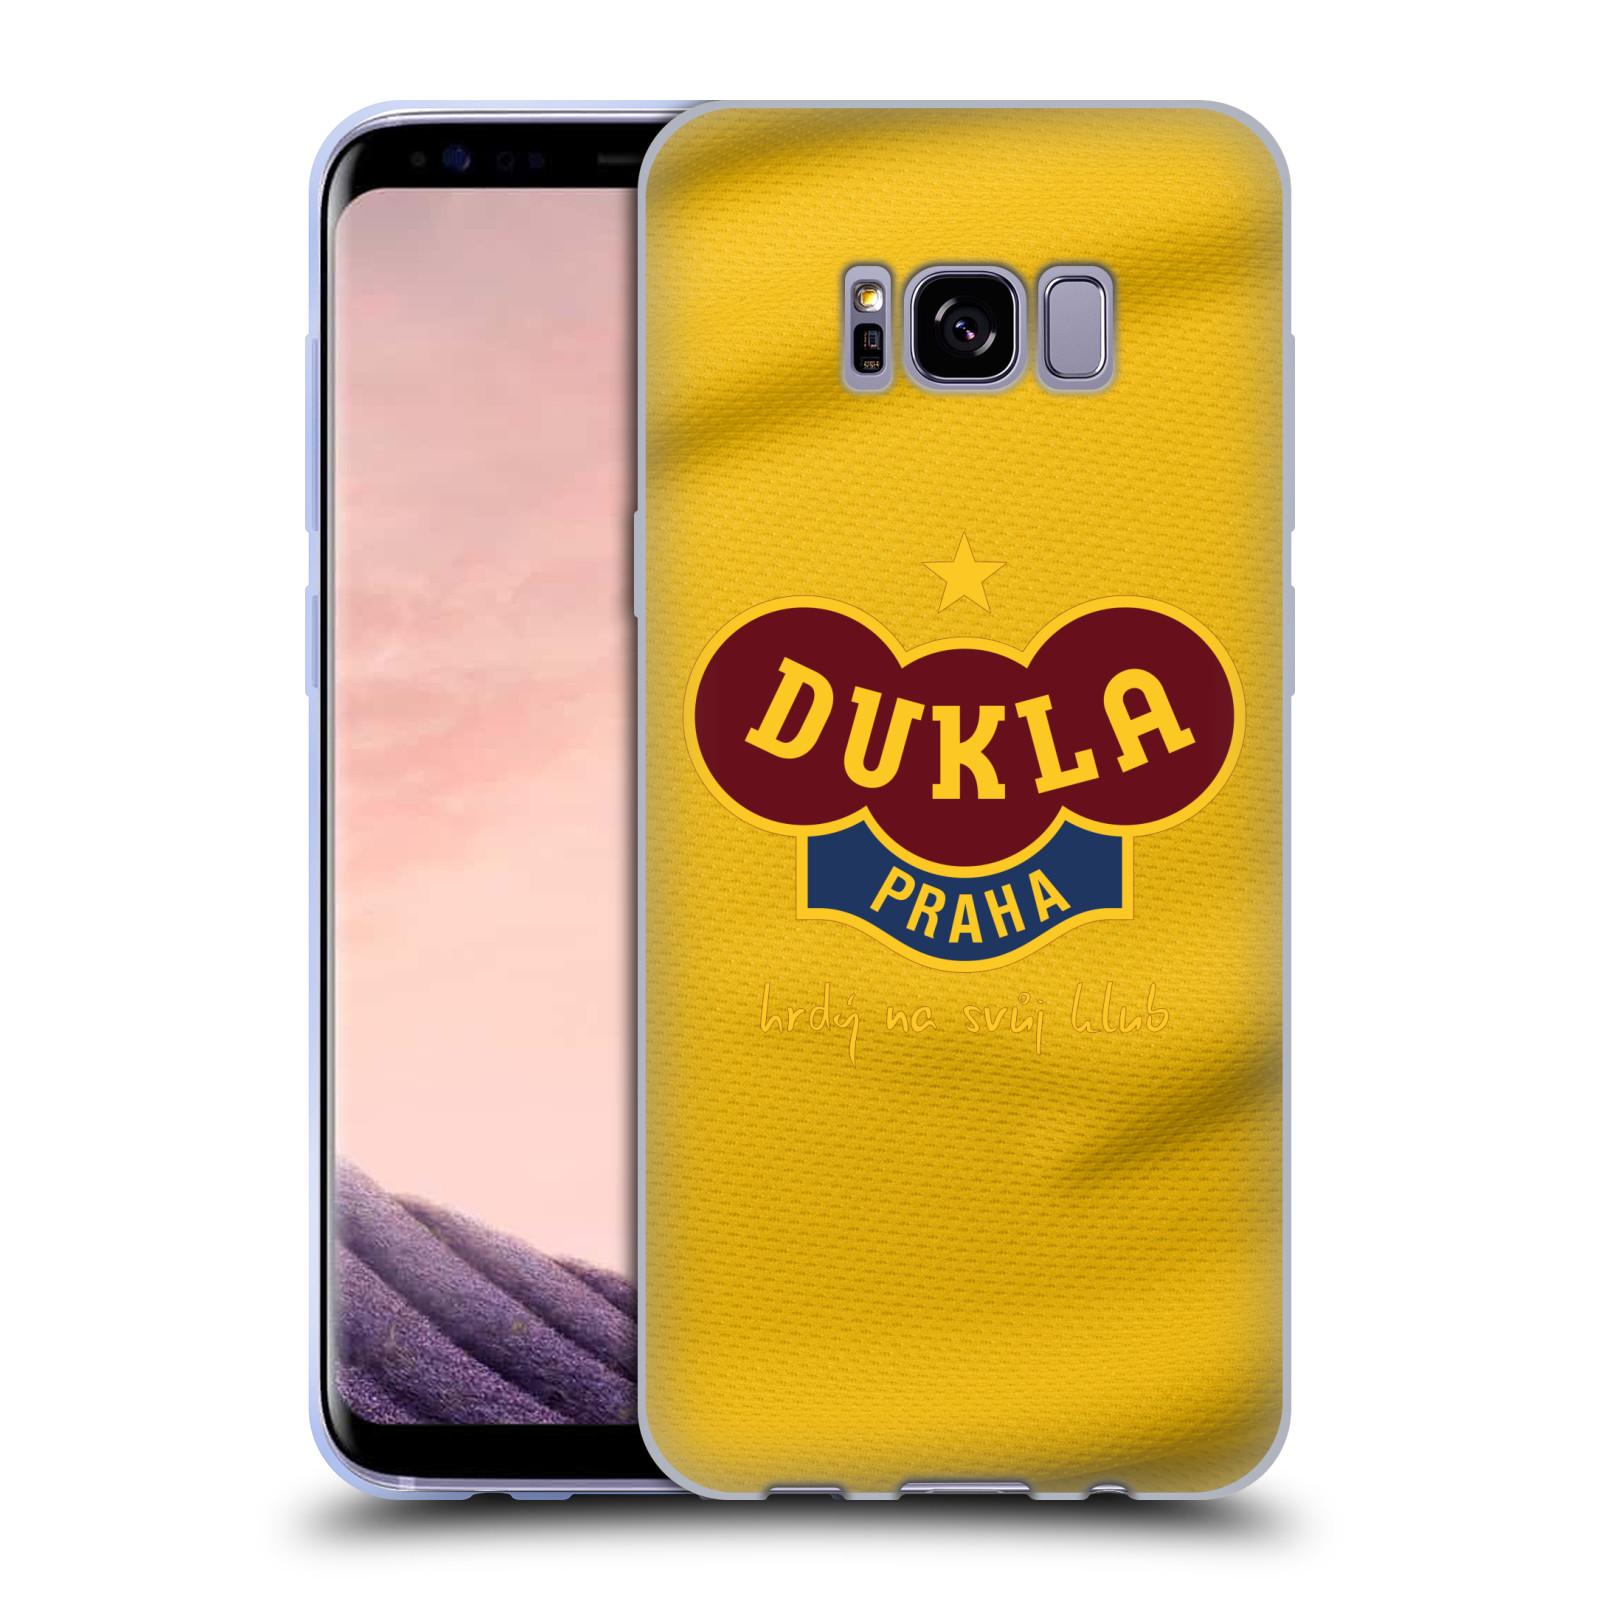 Silikonové pouzdro na mobil Samsung Galaxy S8+ (Plus) - FK Dukla Praha - Žlutý dres